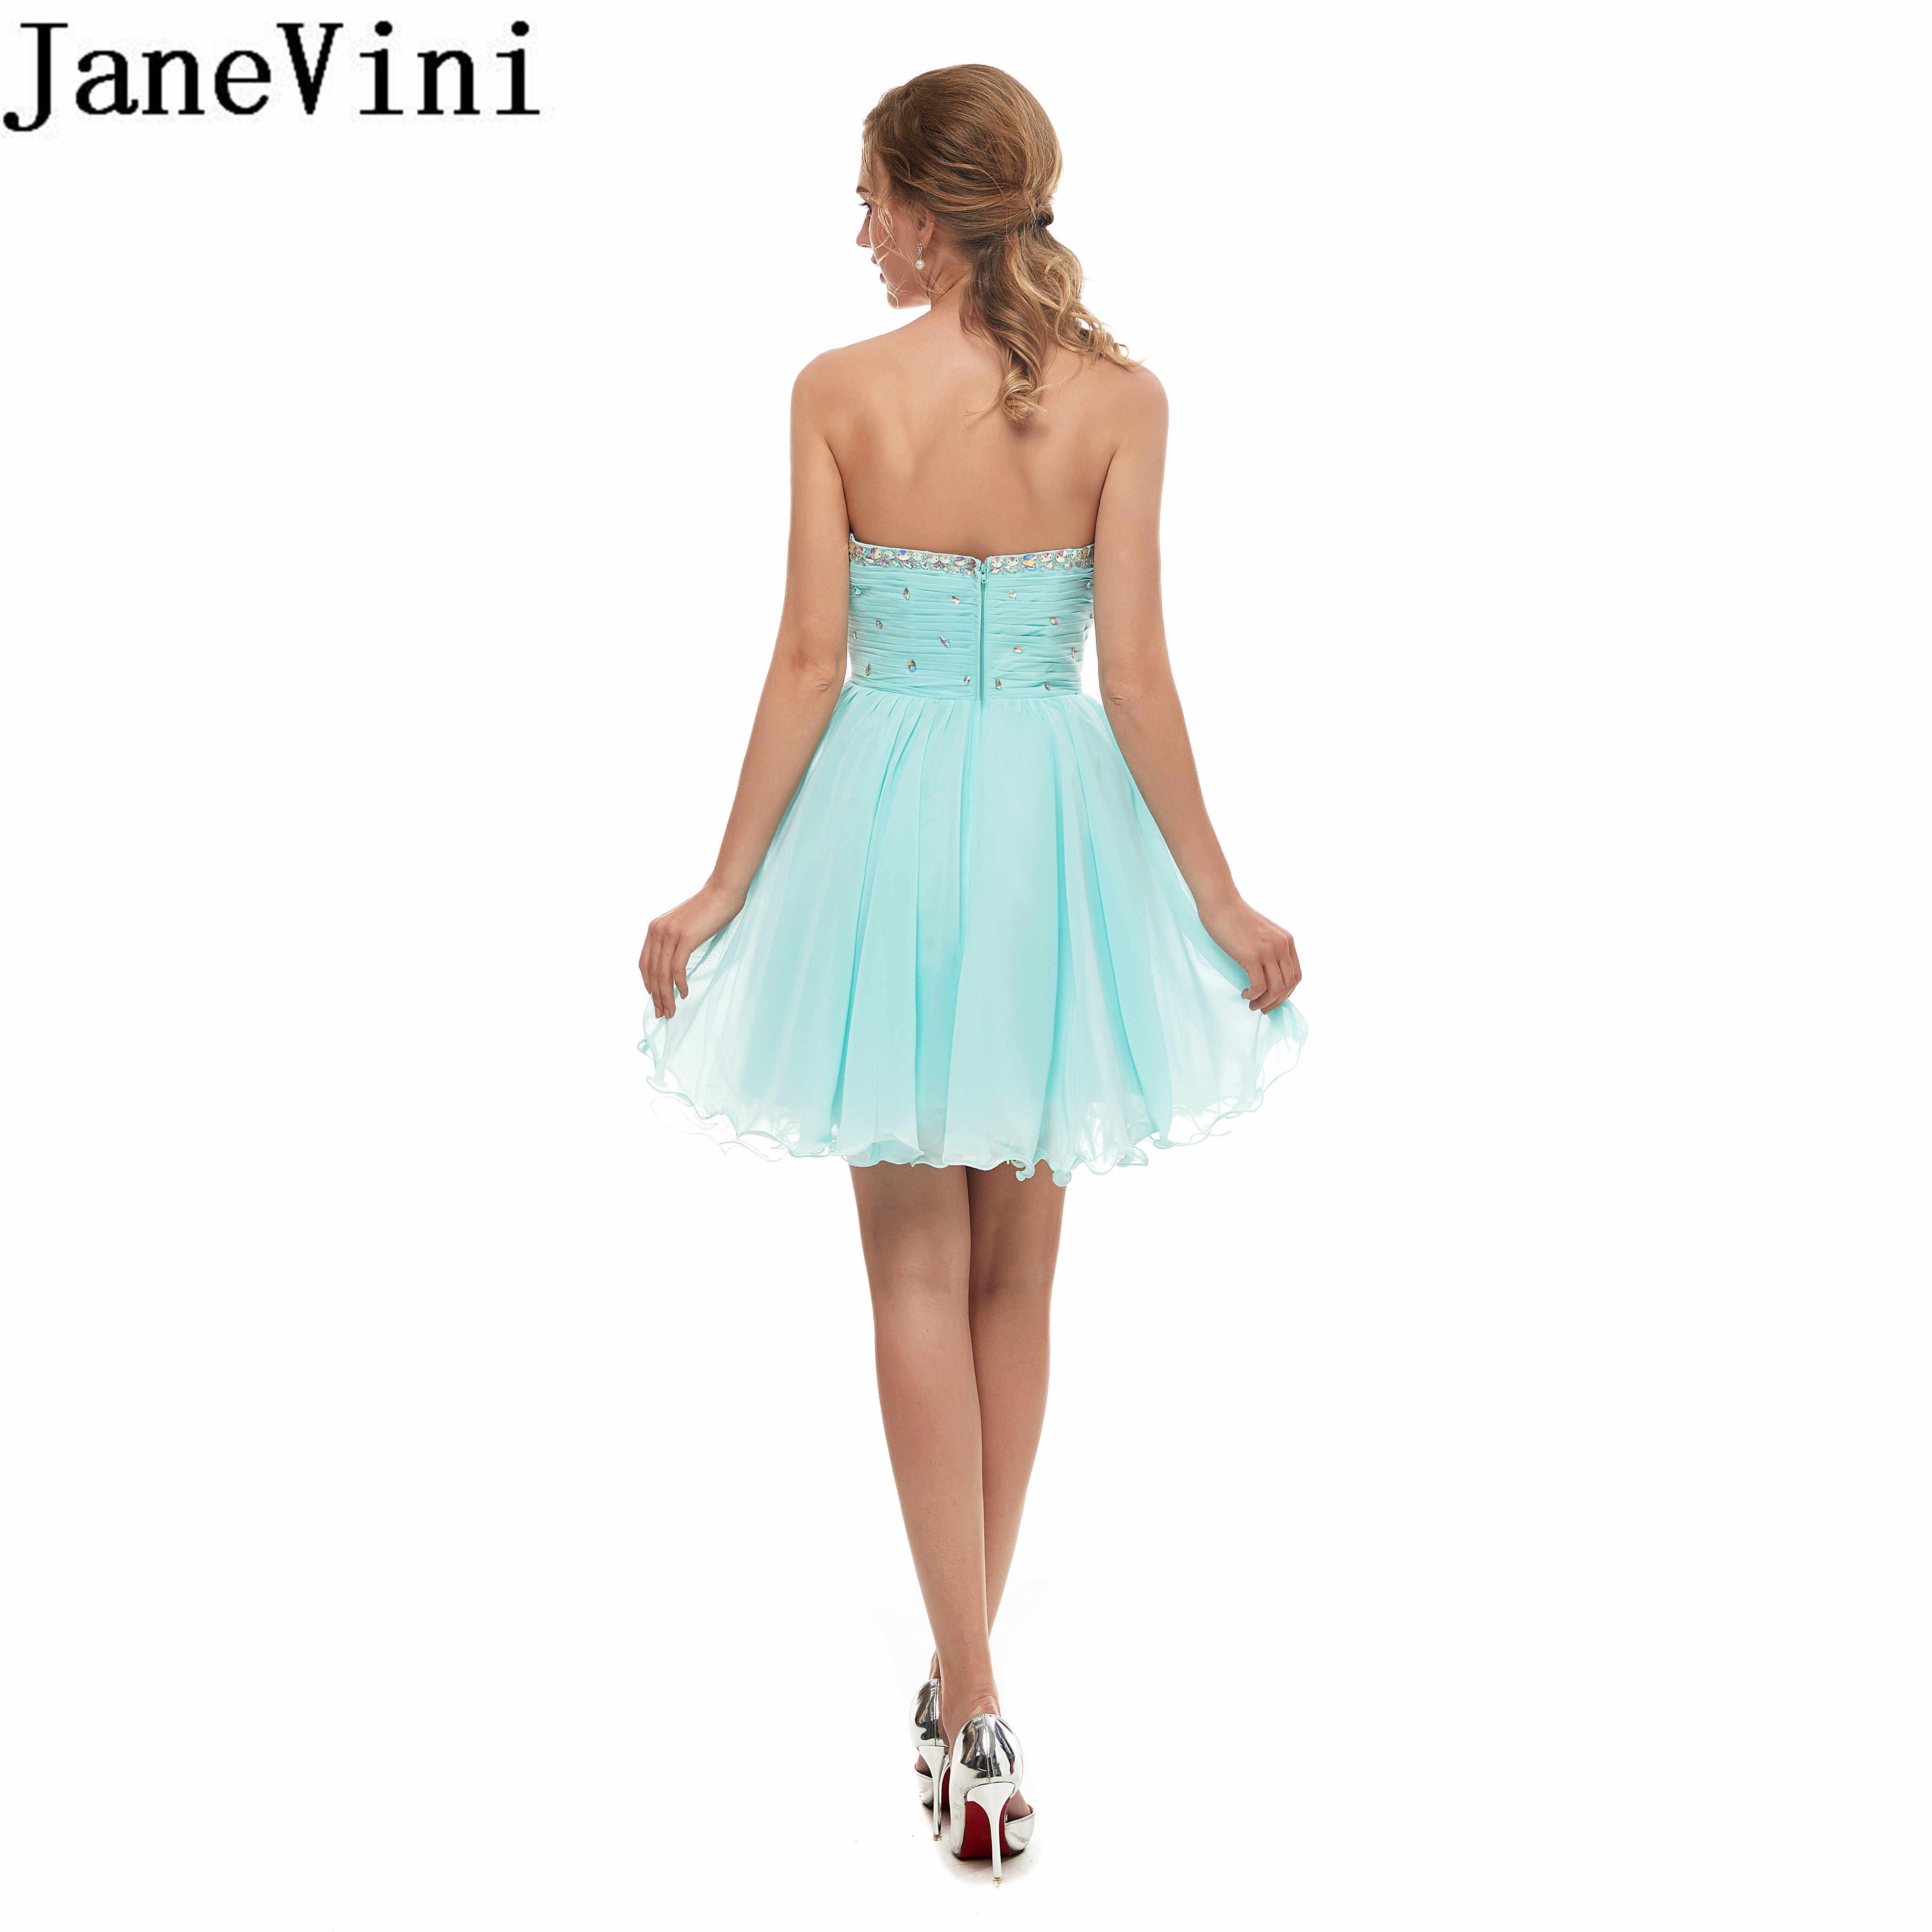 JaneVini קצר שמלות נשף 2019 שיפון קריסטל חרוזים שמלת ערב קפל מעל הברך המפלגה שמלות vestidos דה גאלה elegante